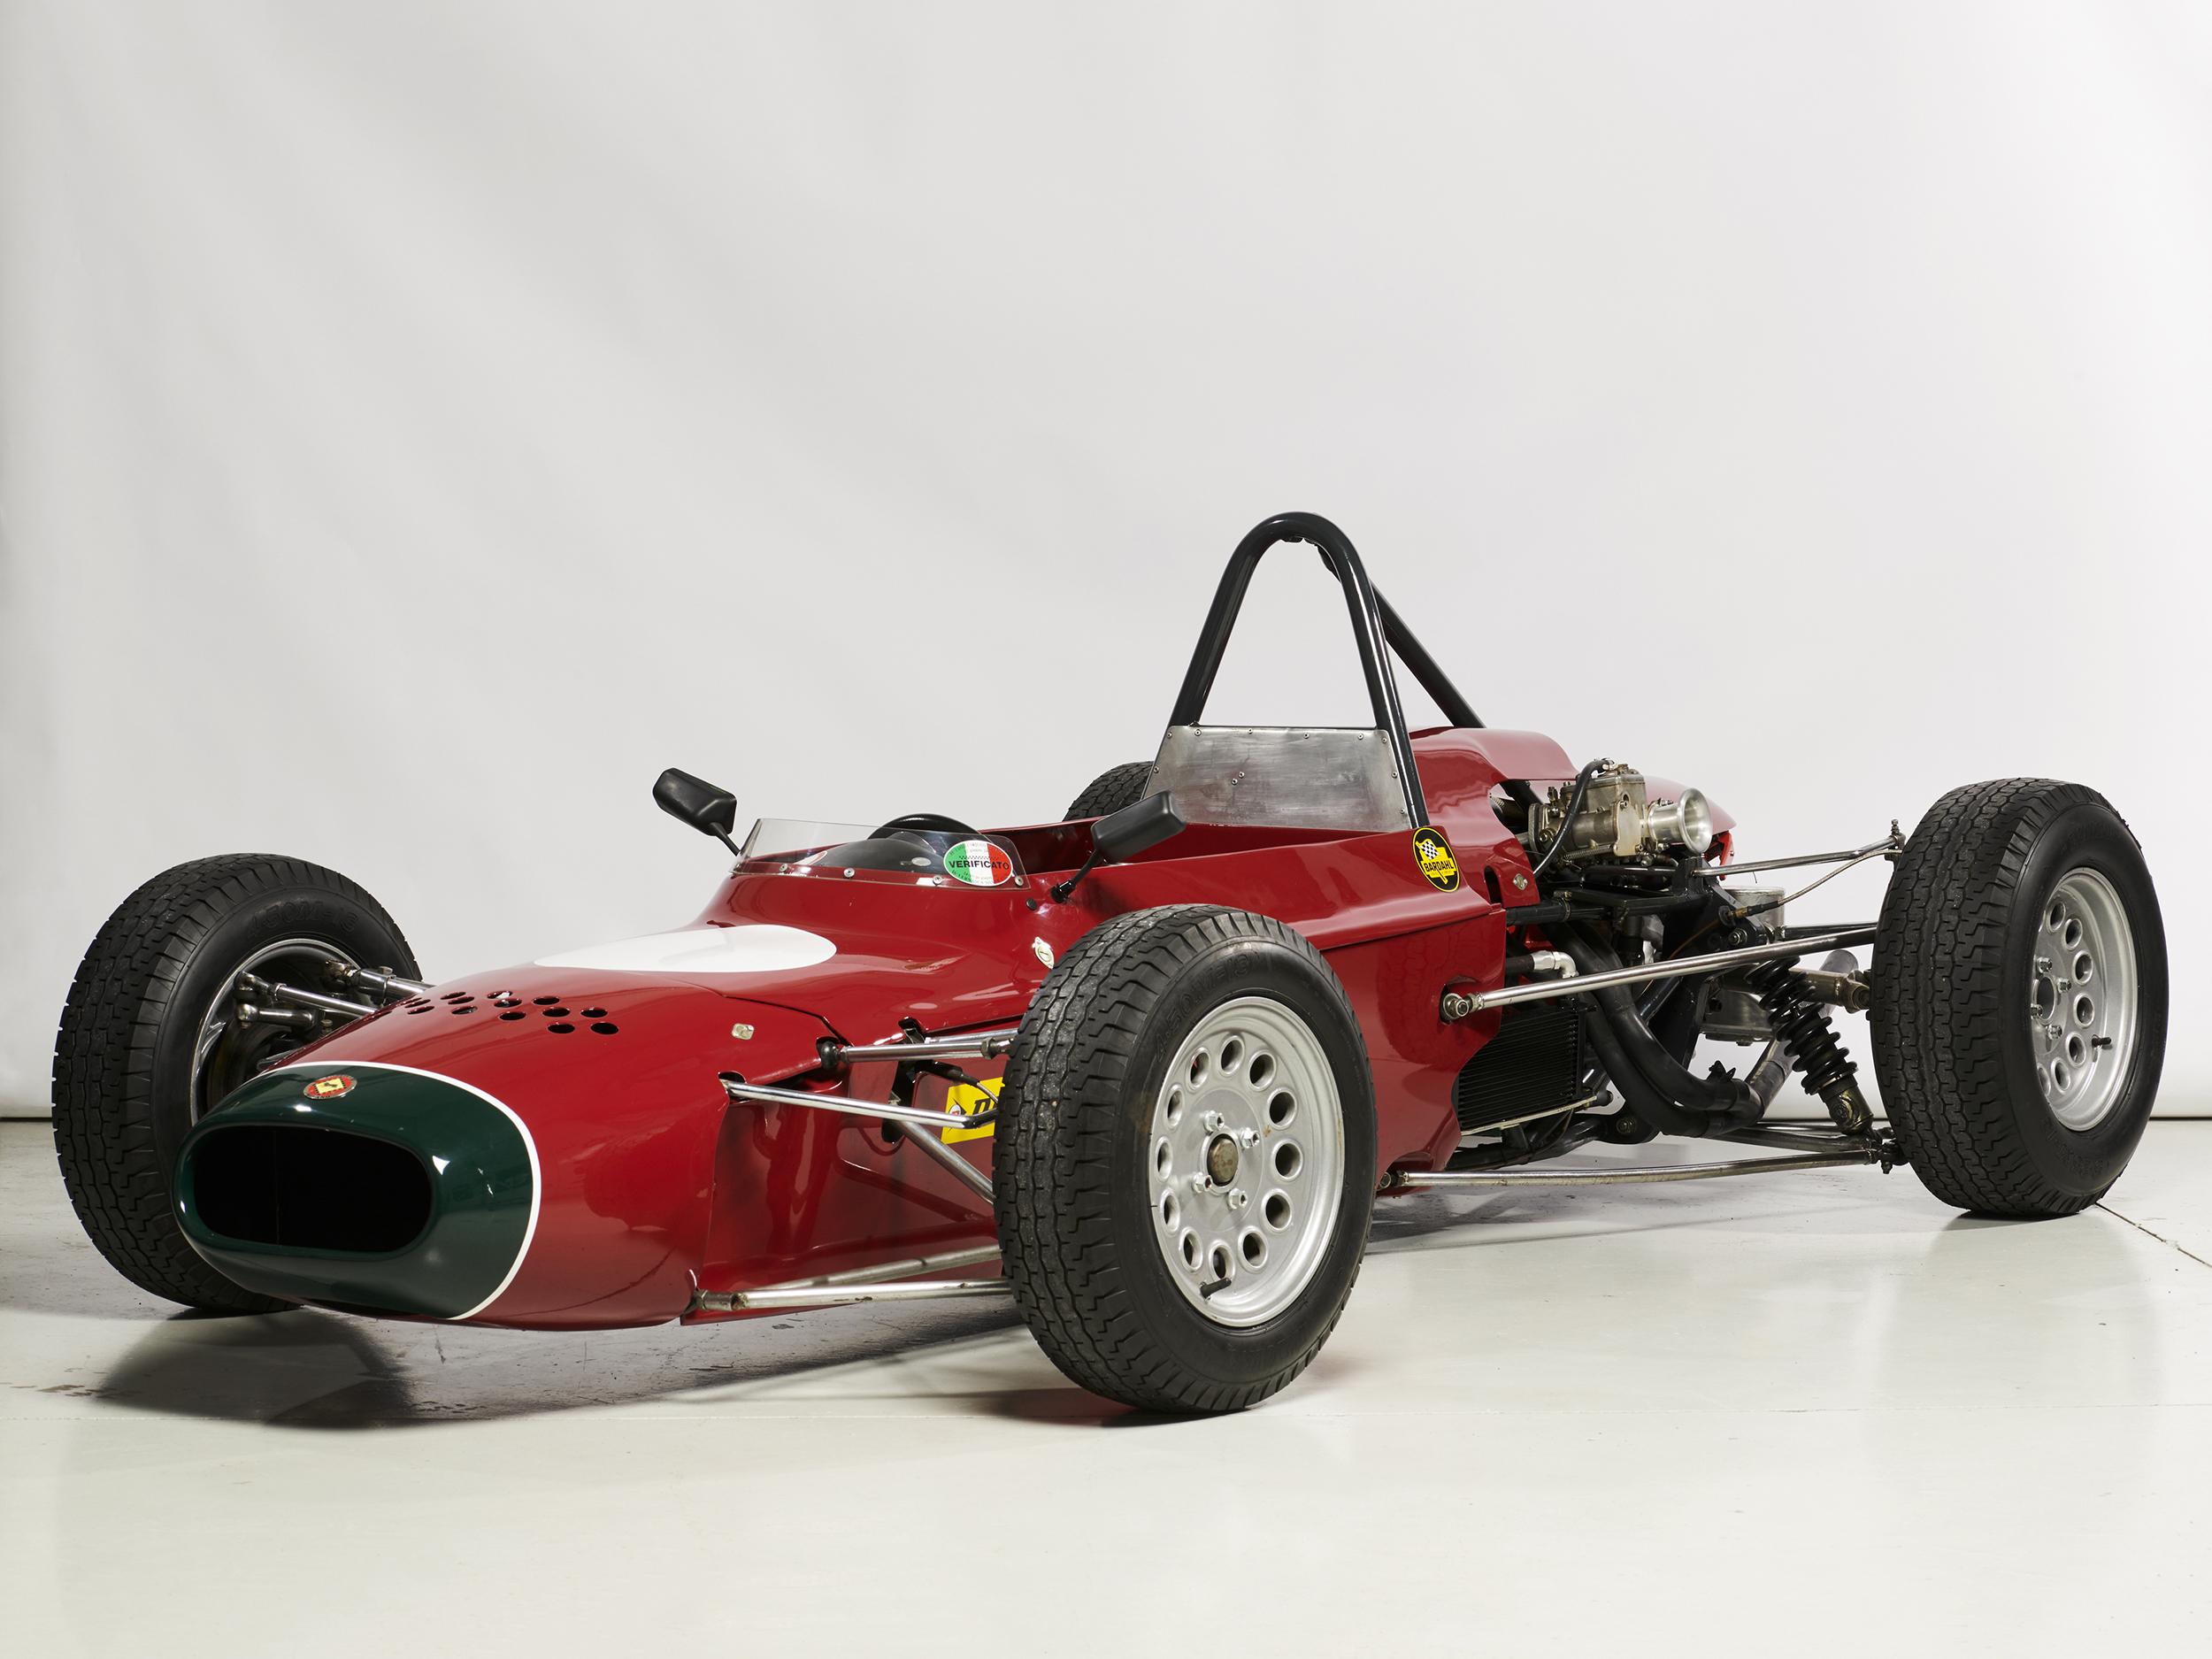 210219 1963 Foglietti Formula 3 Junior (Credit - Paolo Carlini ©2021 Courtesy of RM Sotheby's)